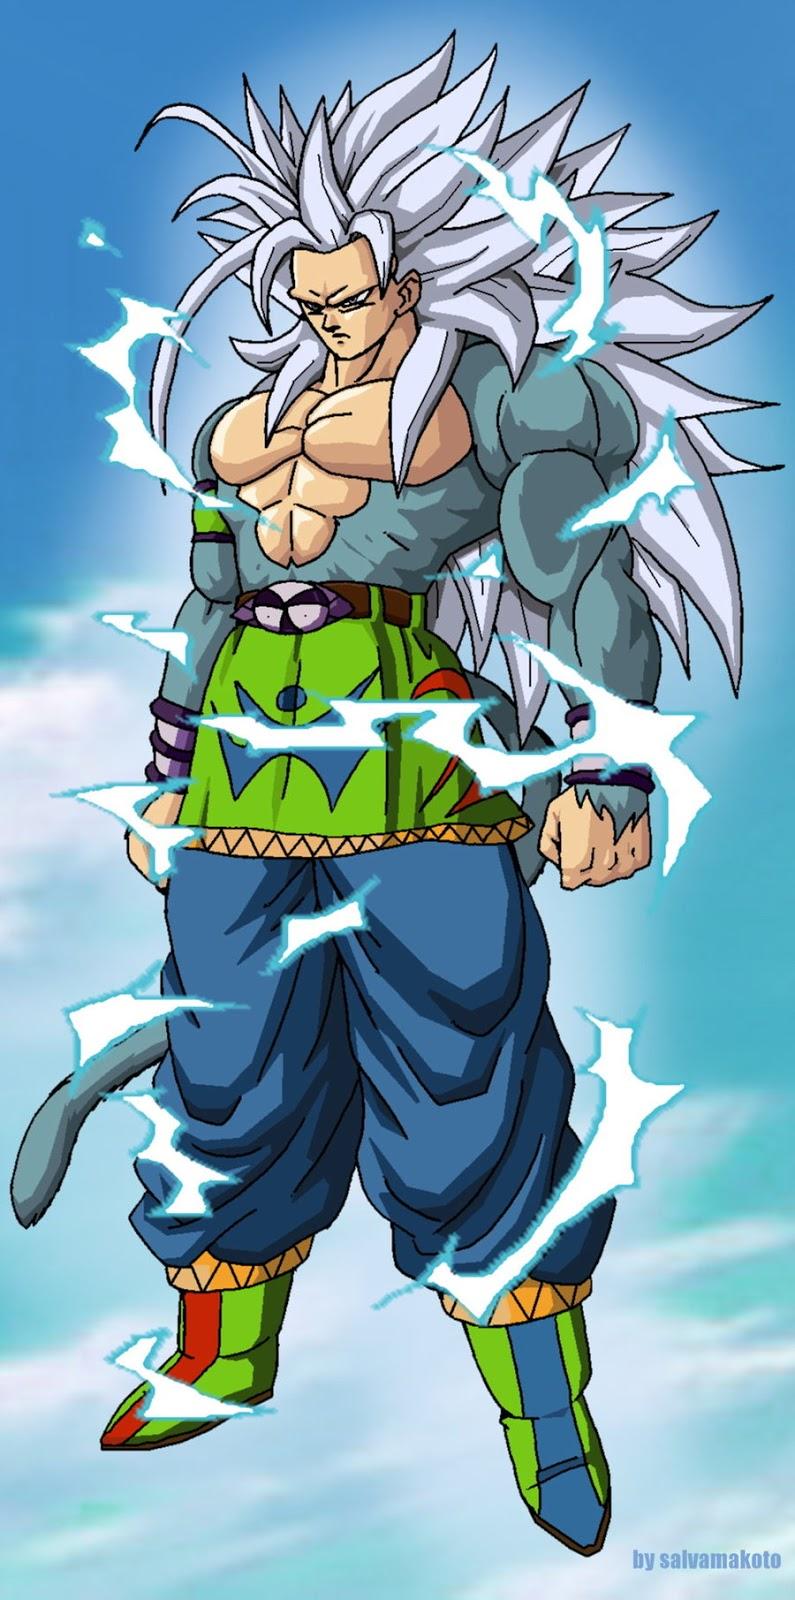 Goku SSJ5 Trong Dragon Ball New AF